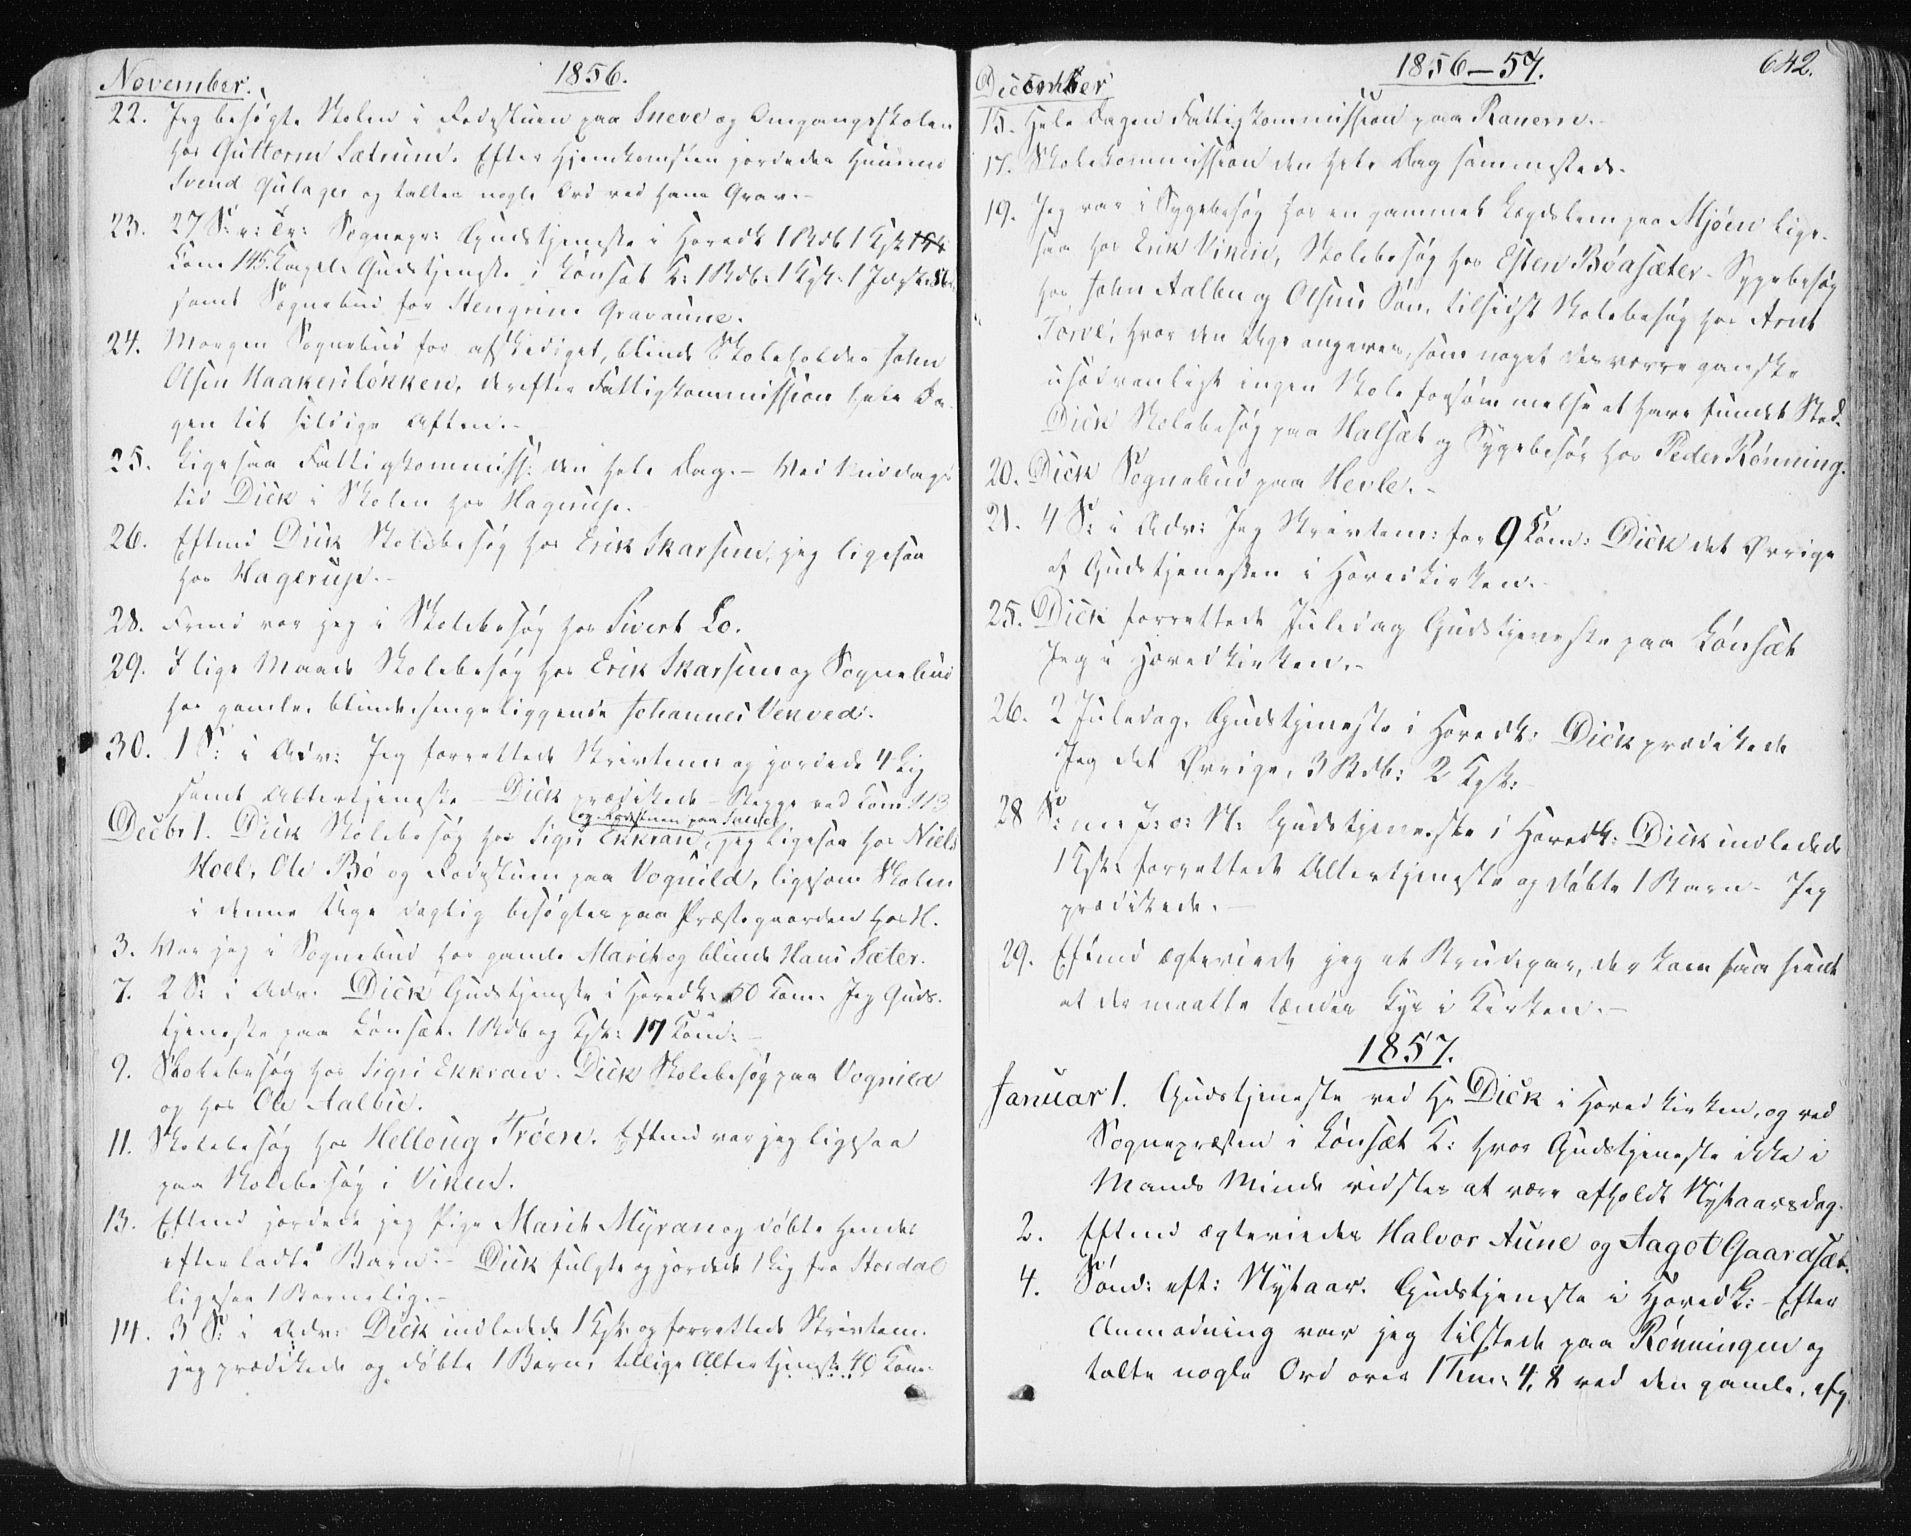 SAT, Ministerialprotokoller, klokkerbøker og fødselsregistre - Sør-Trøndelag, 678/L0899: Ministerialbok nr. 678A08, 1848-1872, s. 642